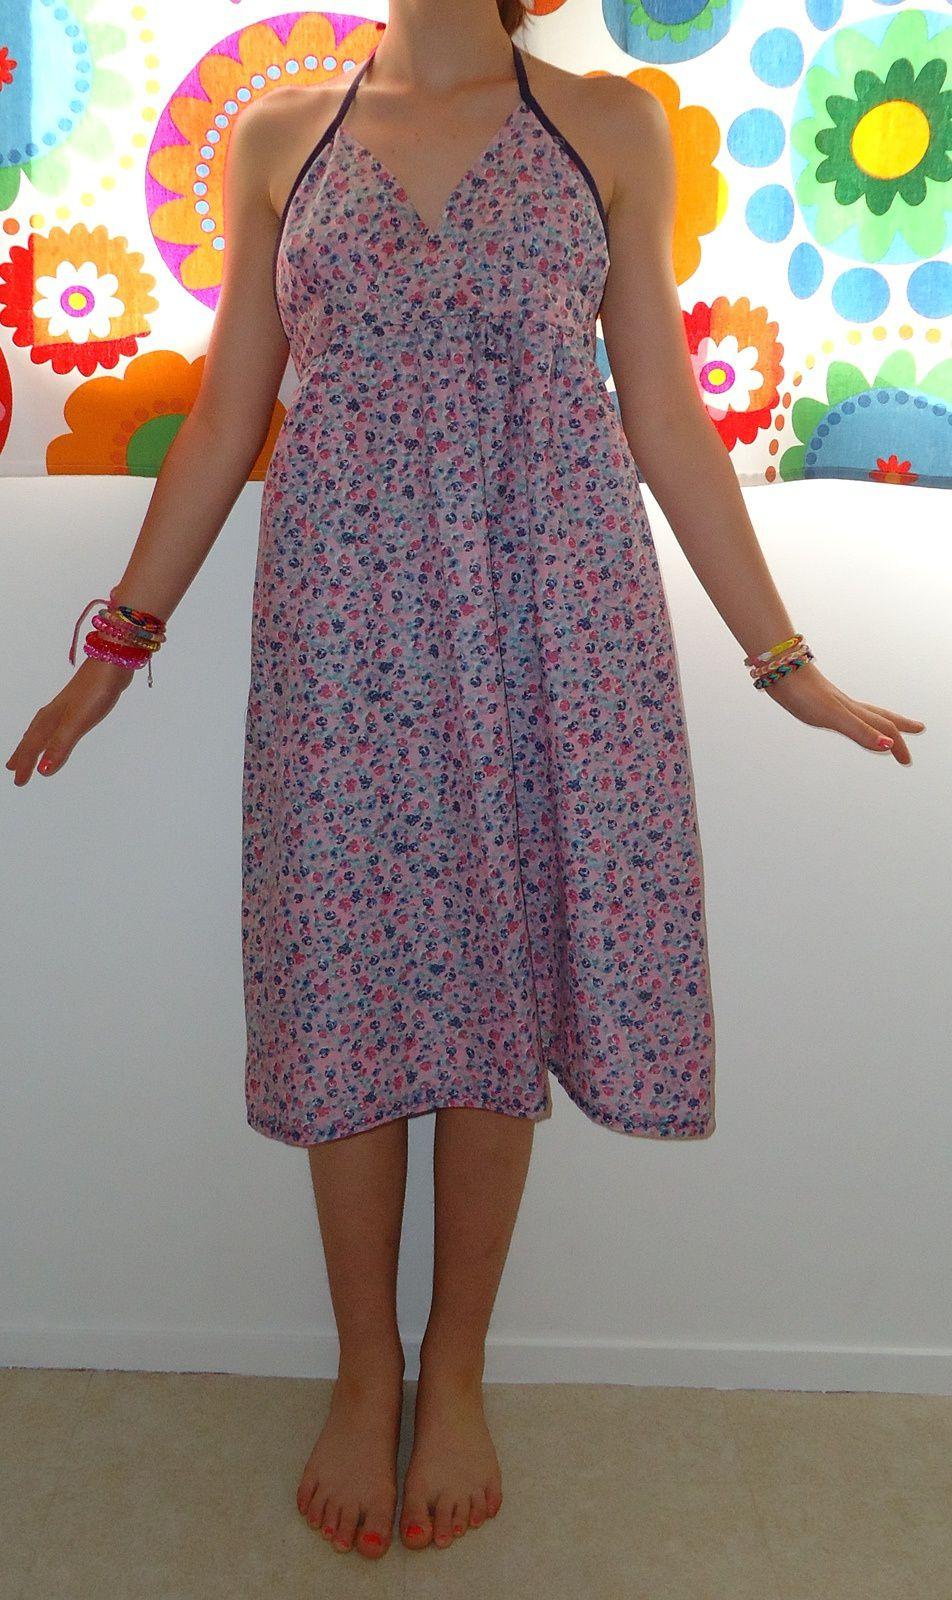 Nouvelle robe Adélaïs!